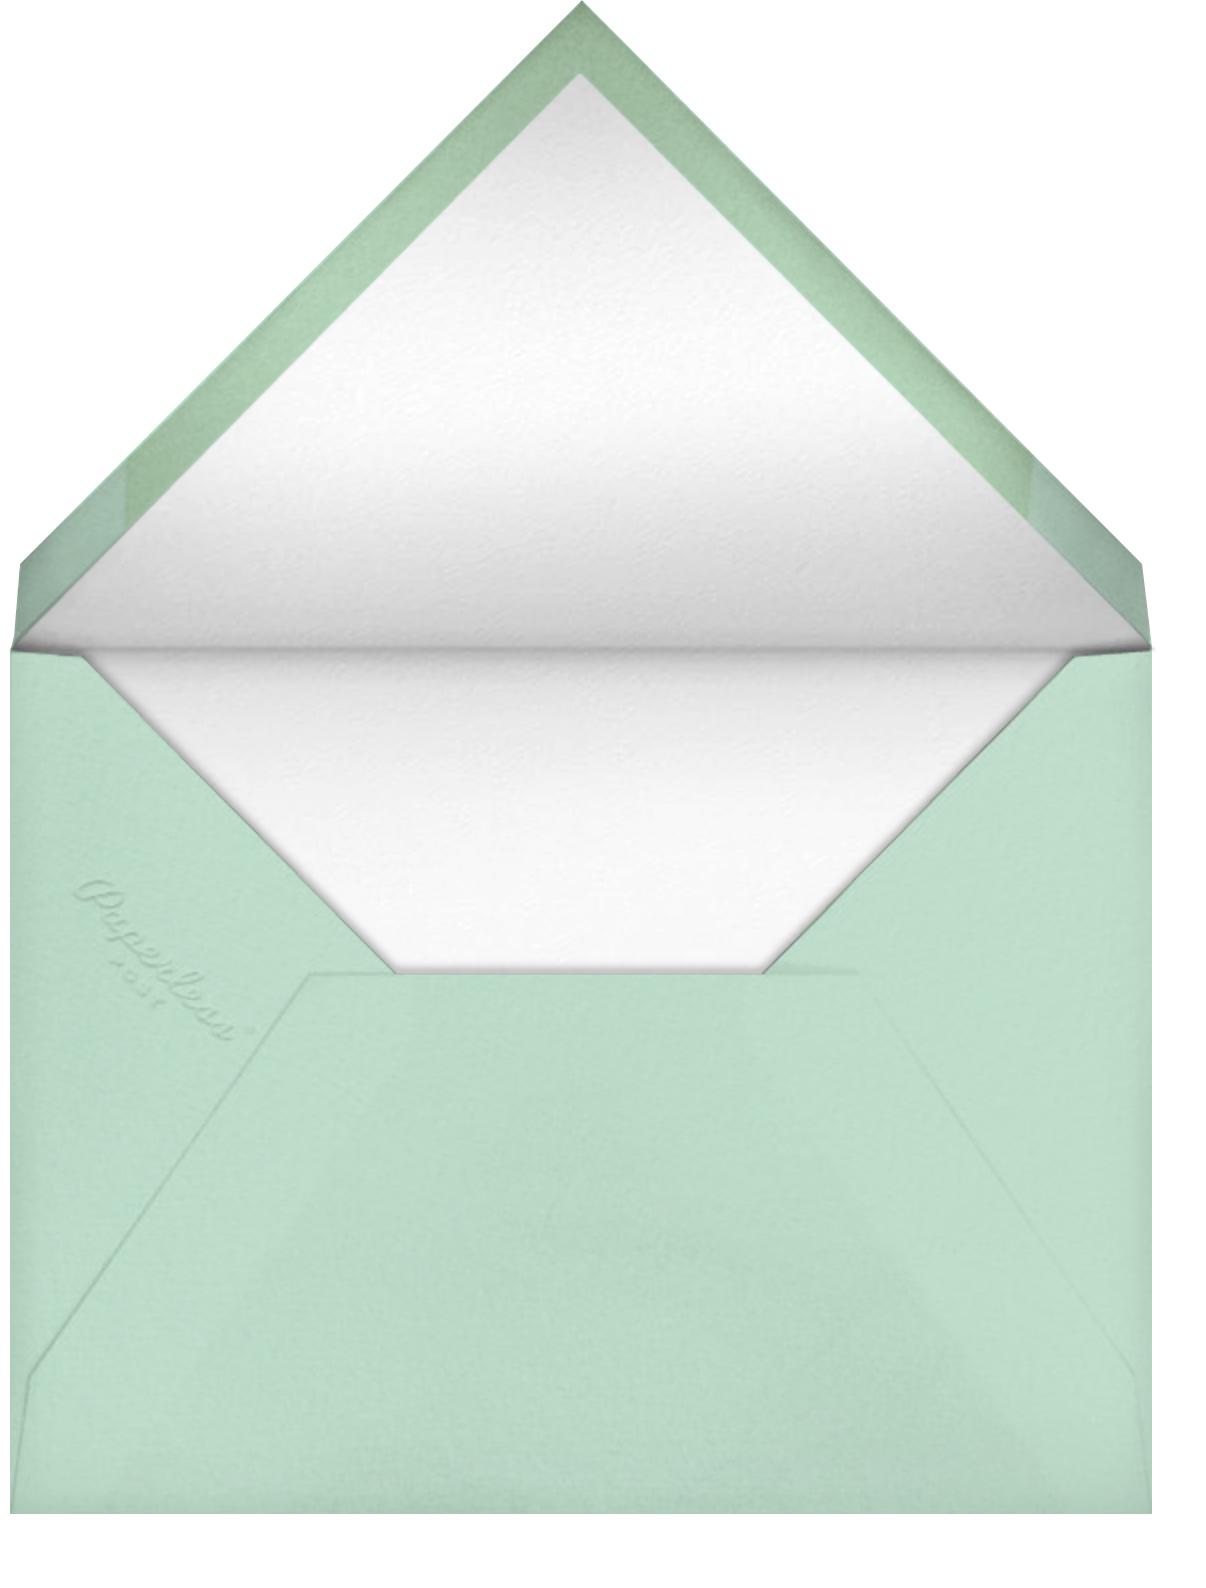 Rivercane - Forest - Paperless Post - Envelope